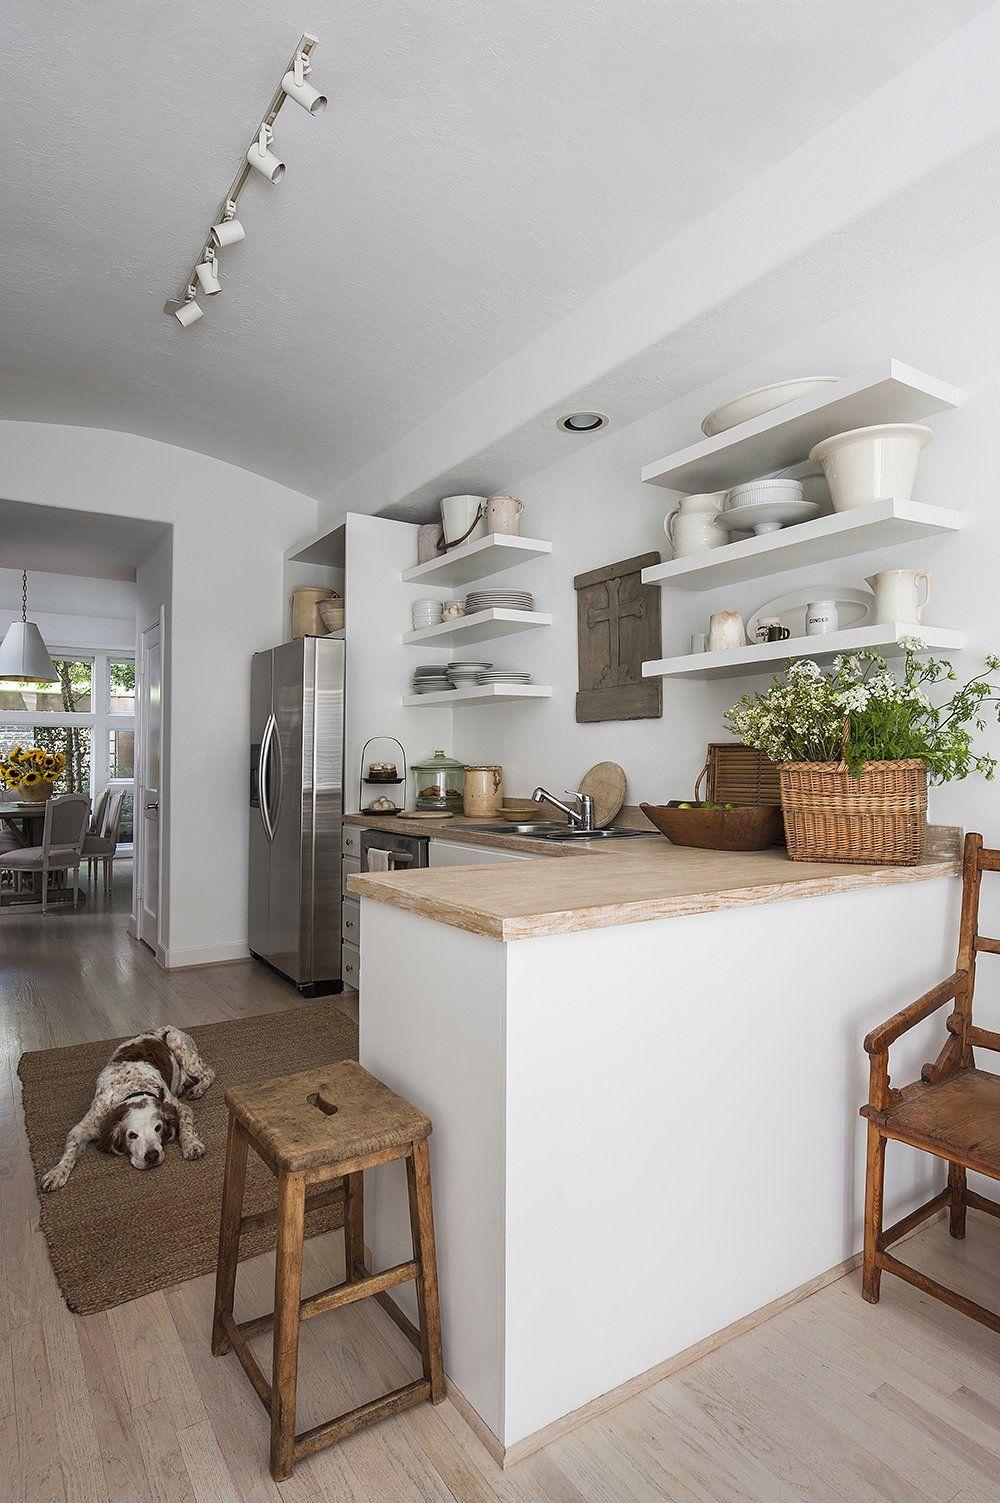 21+ Kitchen remodel allen texas ideas